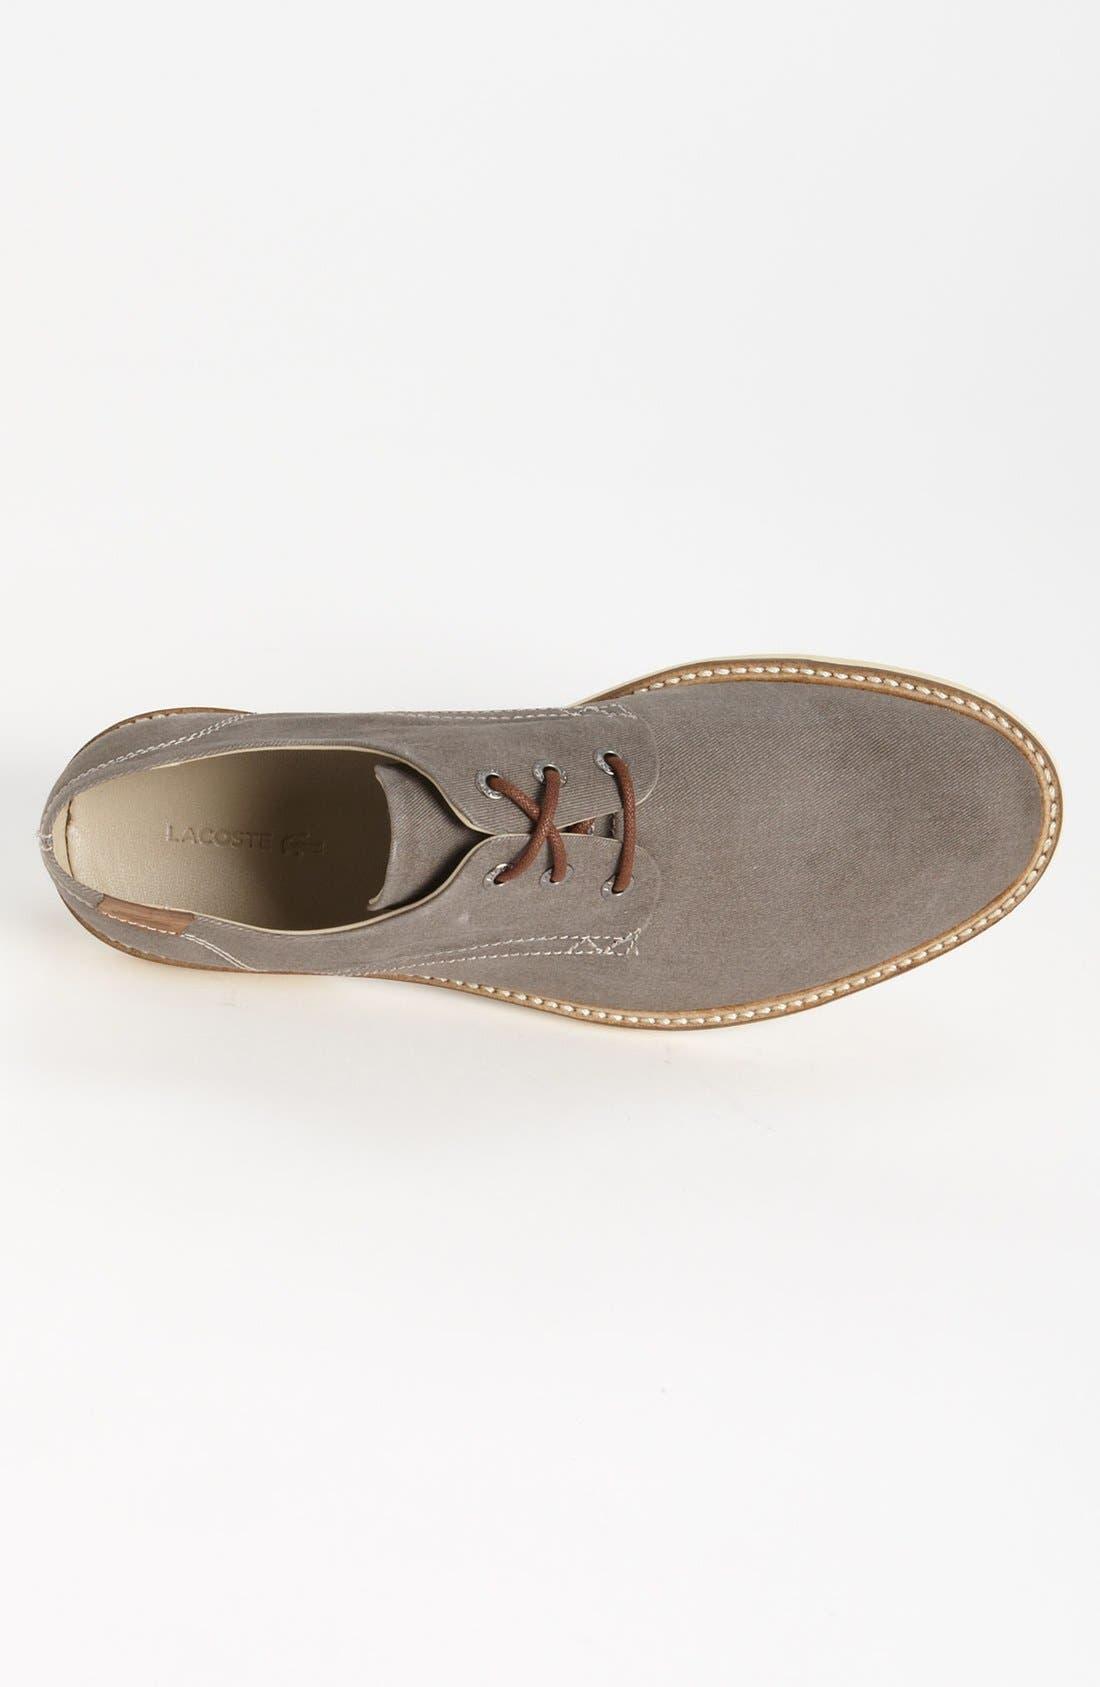 Alternate Image 3  - Lacoste 'Sherbrooke 7' Twill Buck Shoe